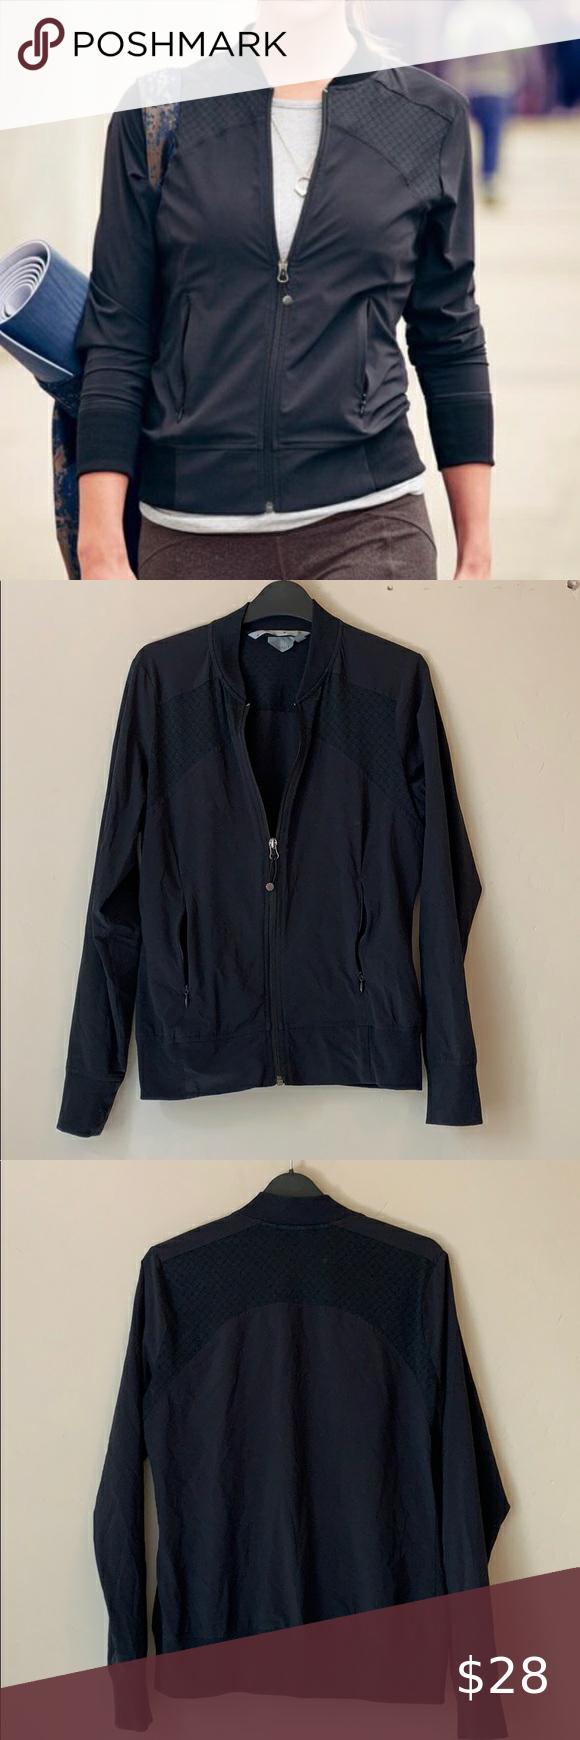 Athleta La Breezy Bomber Jacket Bomber Jacket Athleta Clothes Design [ 1740 x 580 Pixel ]